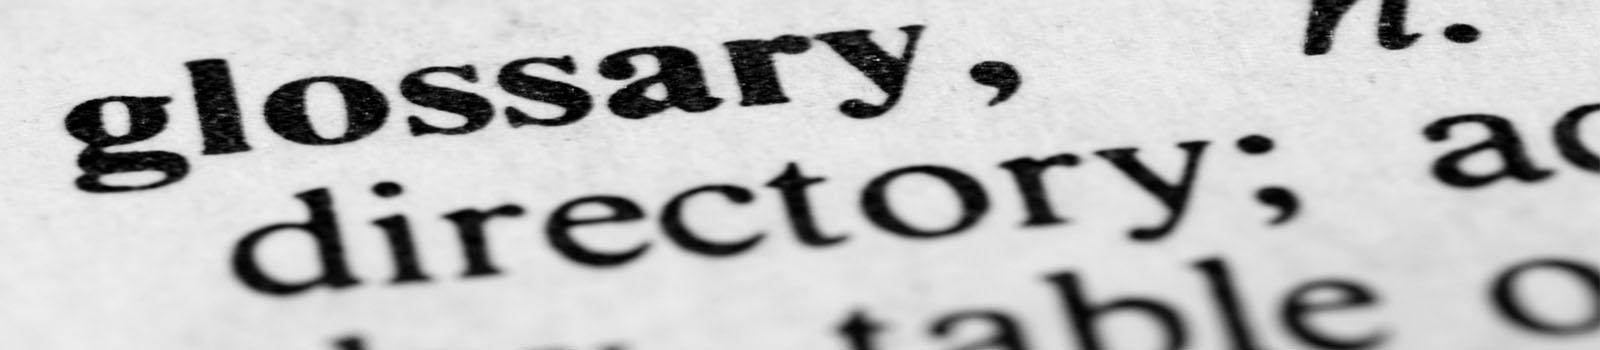 VET Glossary